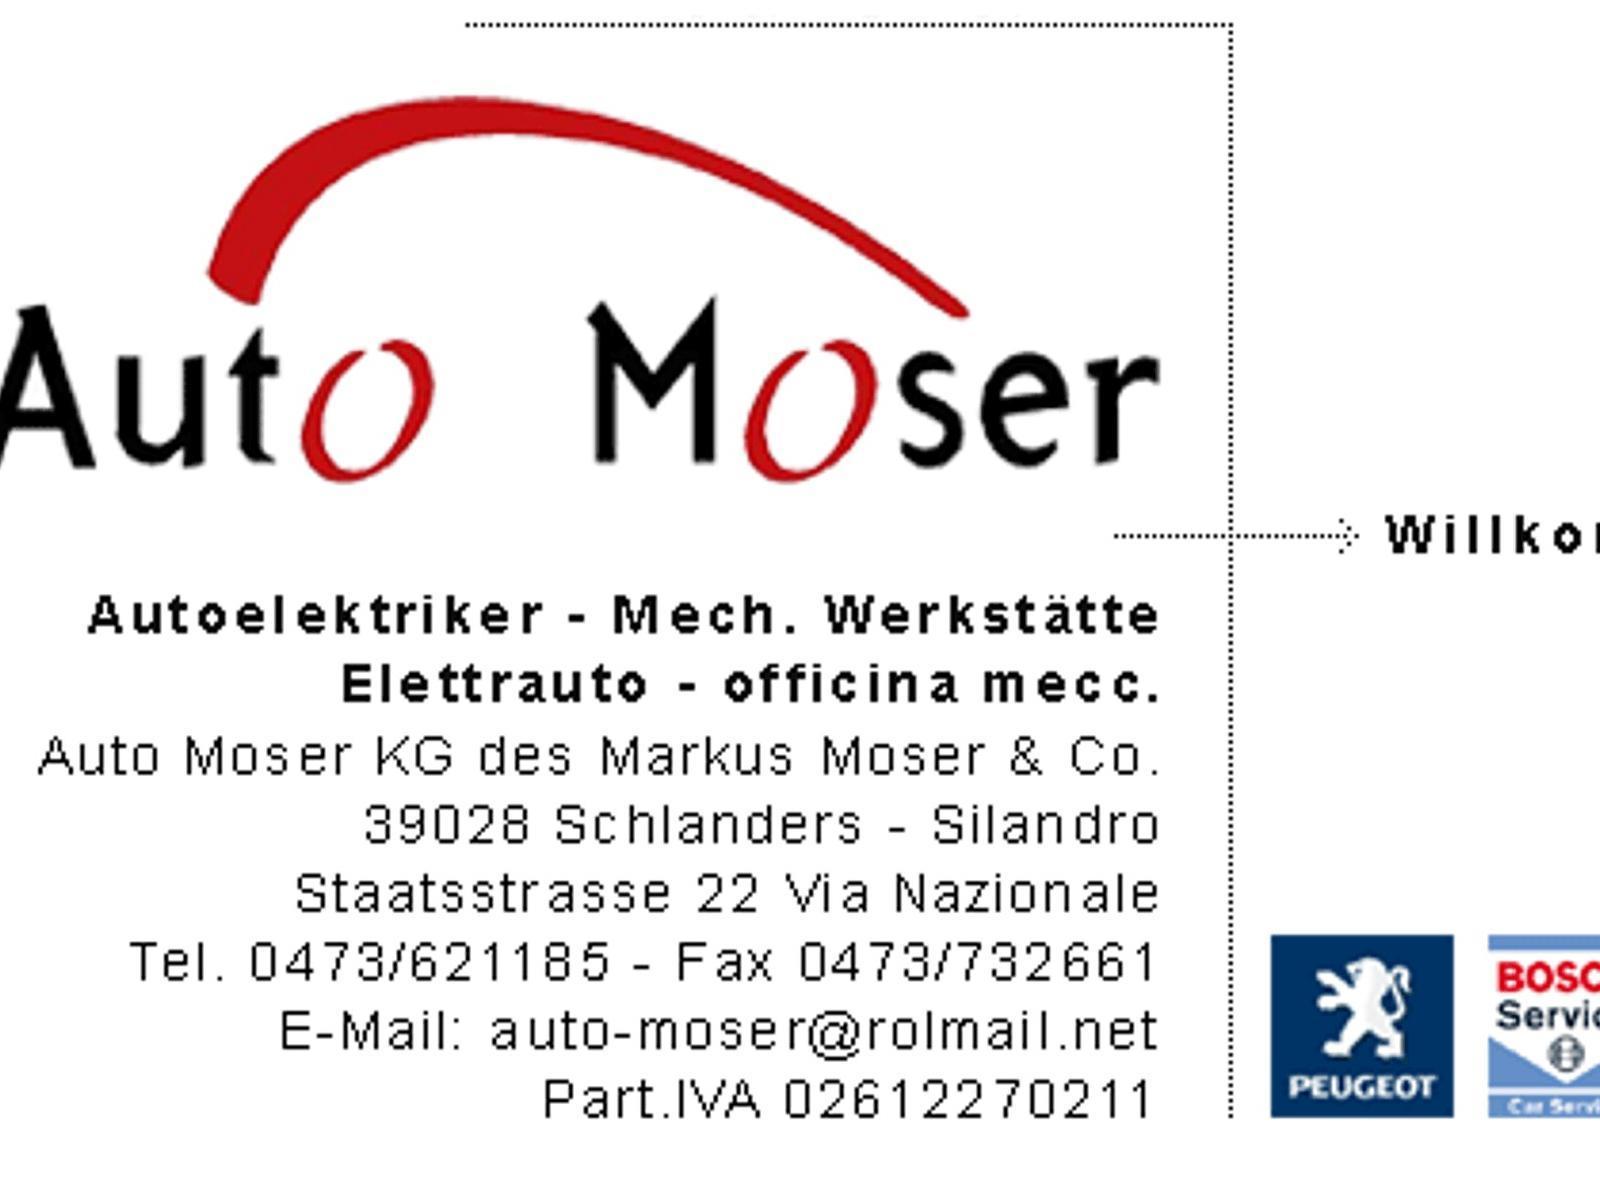 Auto Moser